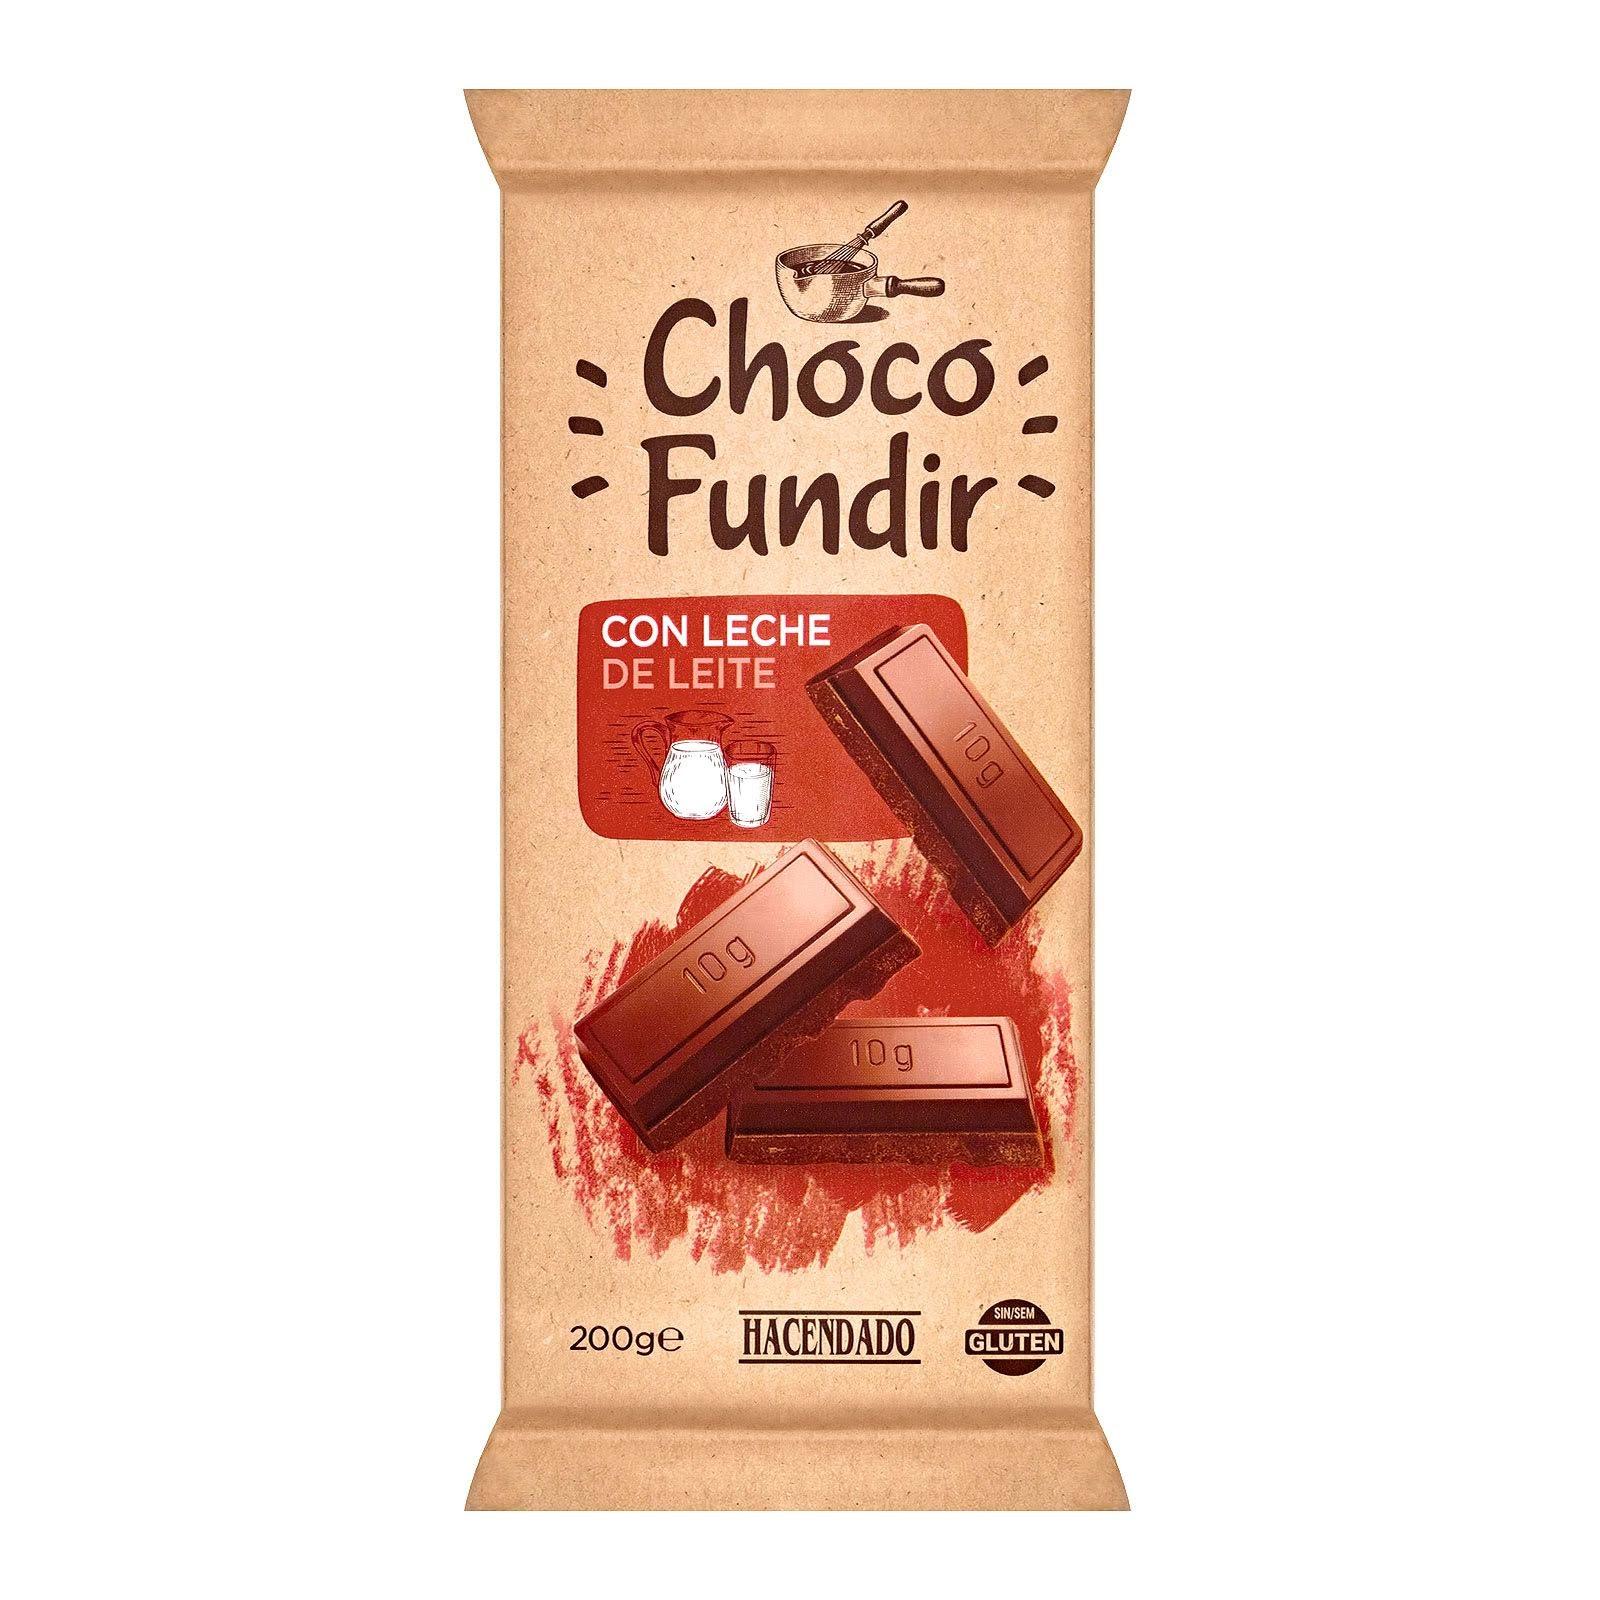 Chocolate con leche para fundir Hacendado